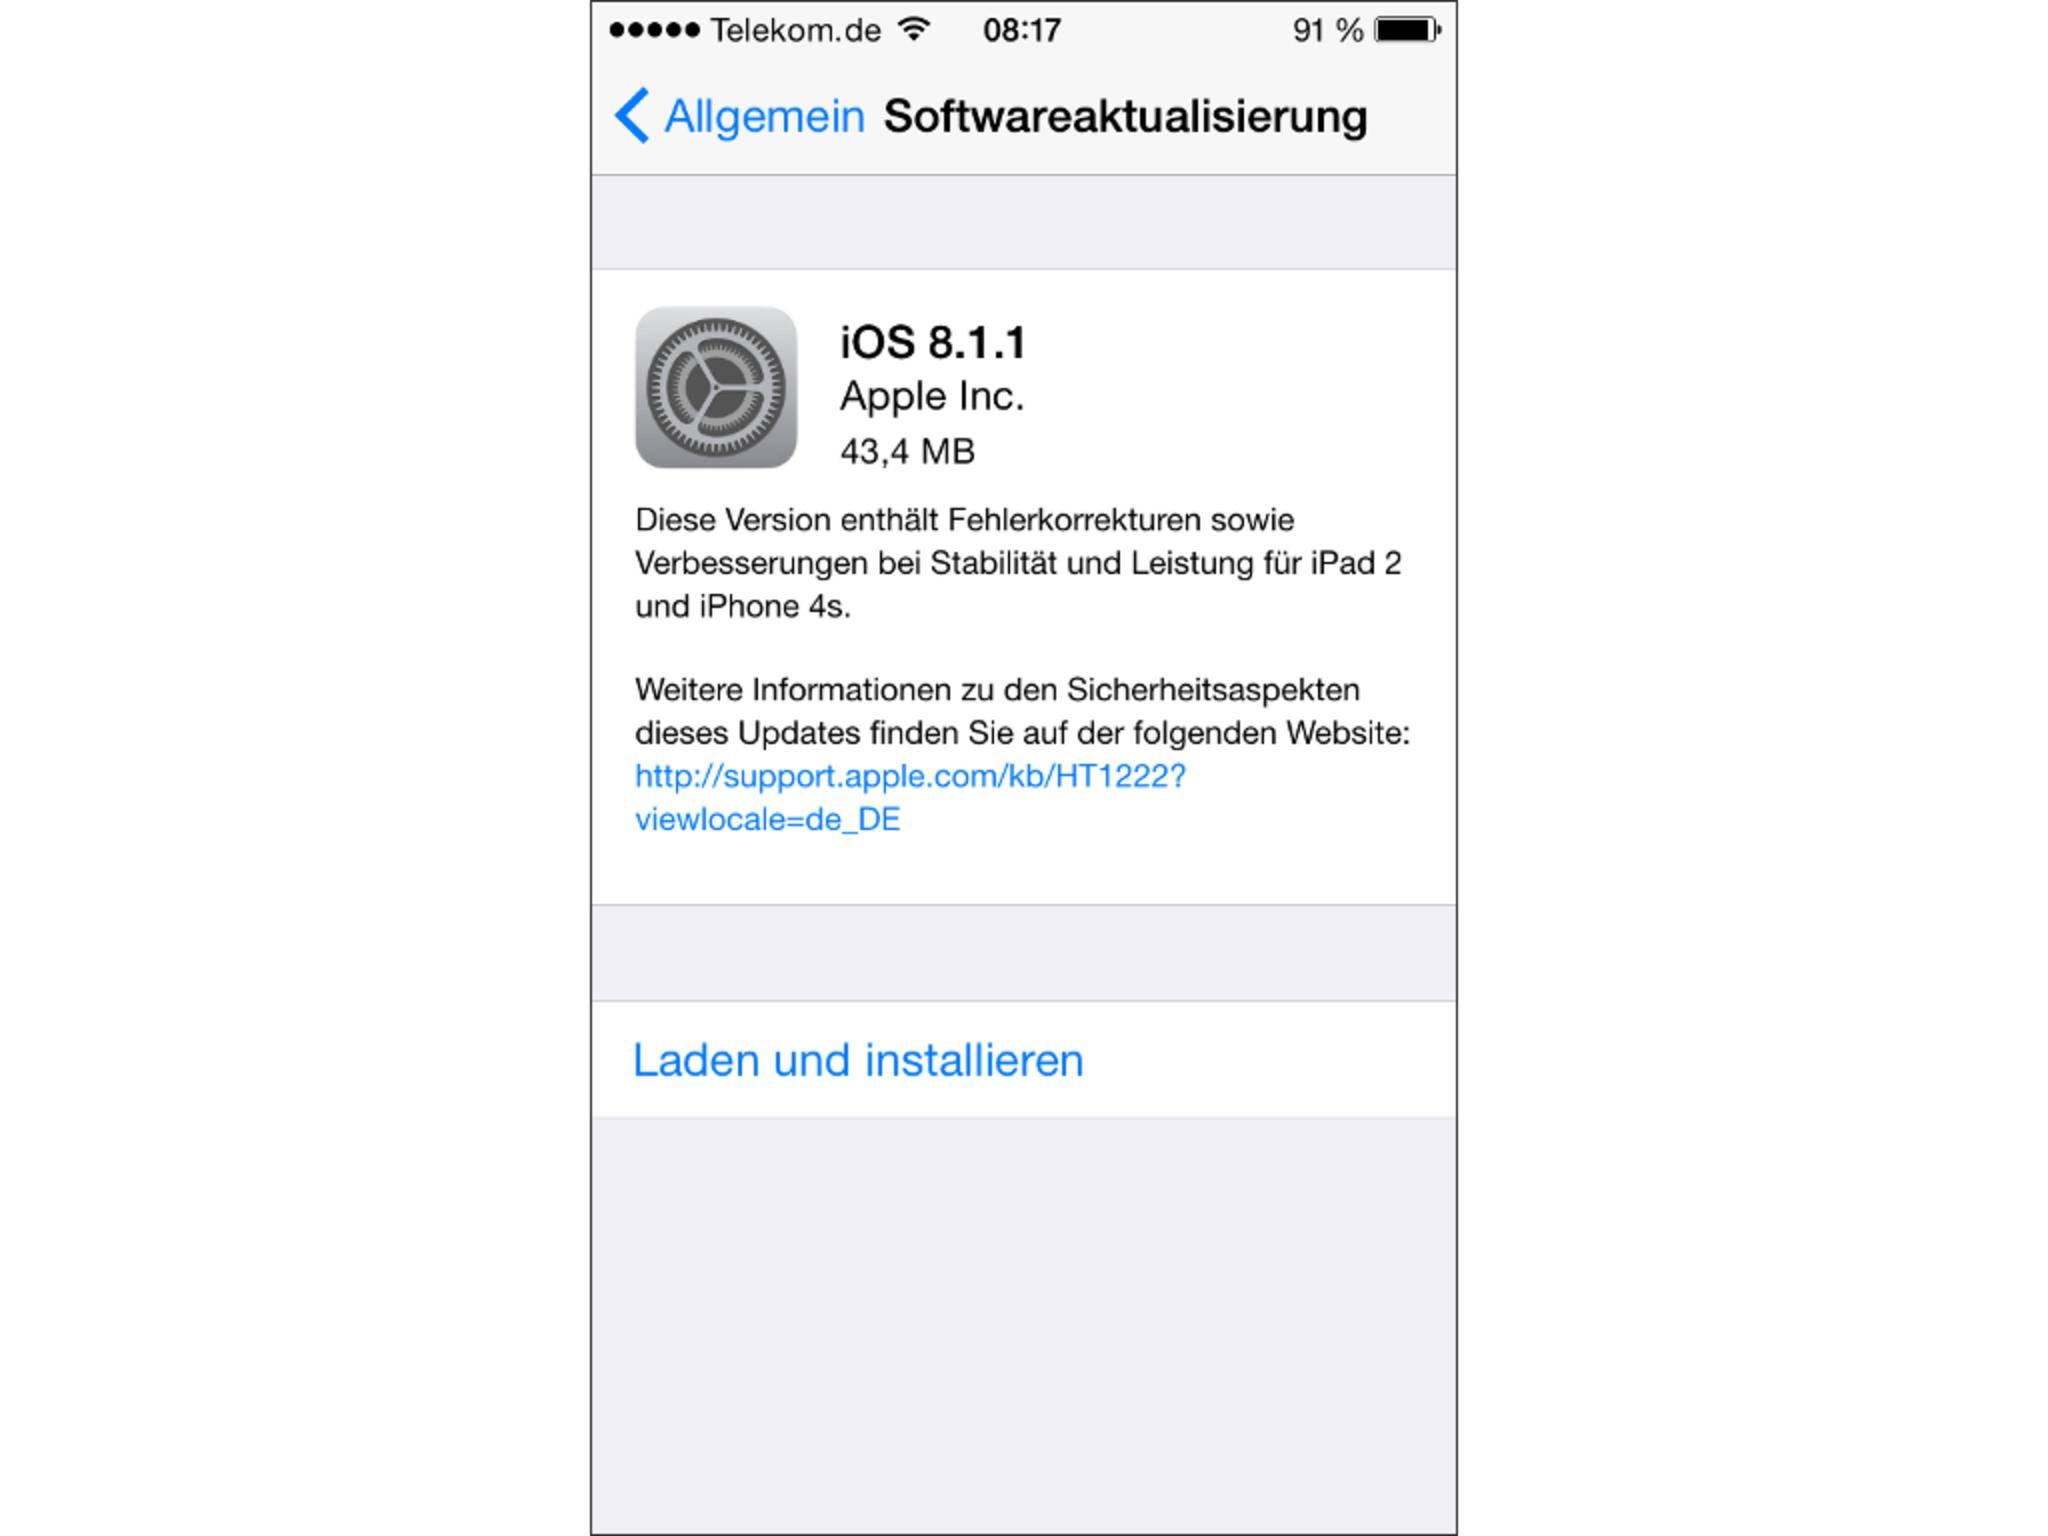 iOS 8.1.1. soll die Performance von iPhone 4s und iPad 2 verbessern.